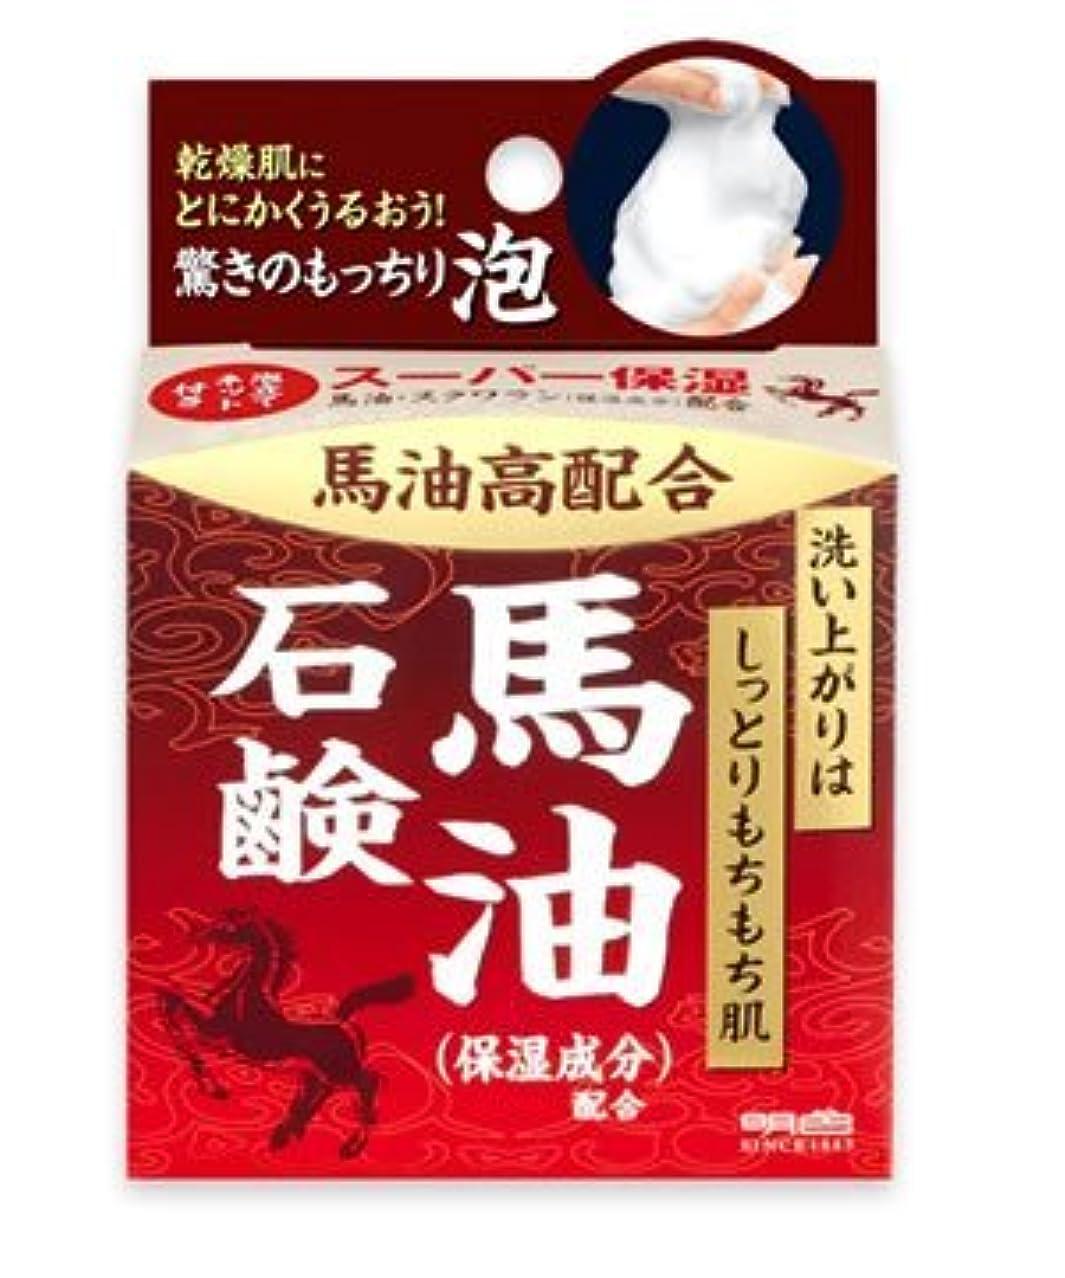 チョコレート種する必要がある(明色)うるおい泡美人 馬油石鹸 80g(お買い得5個セット)